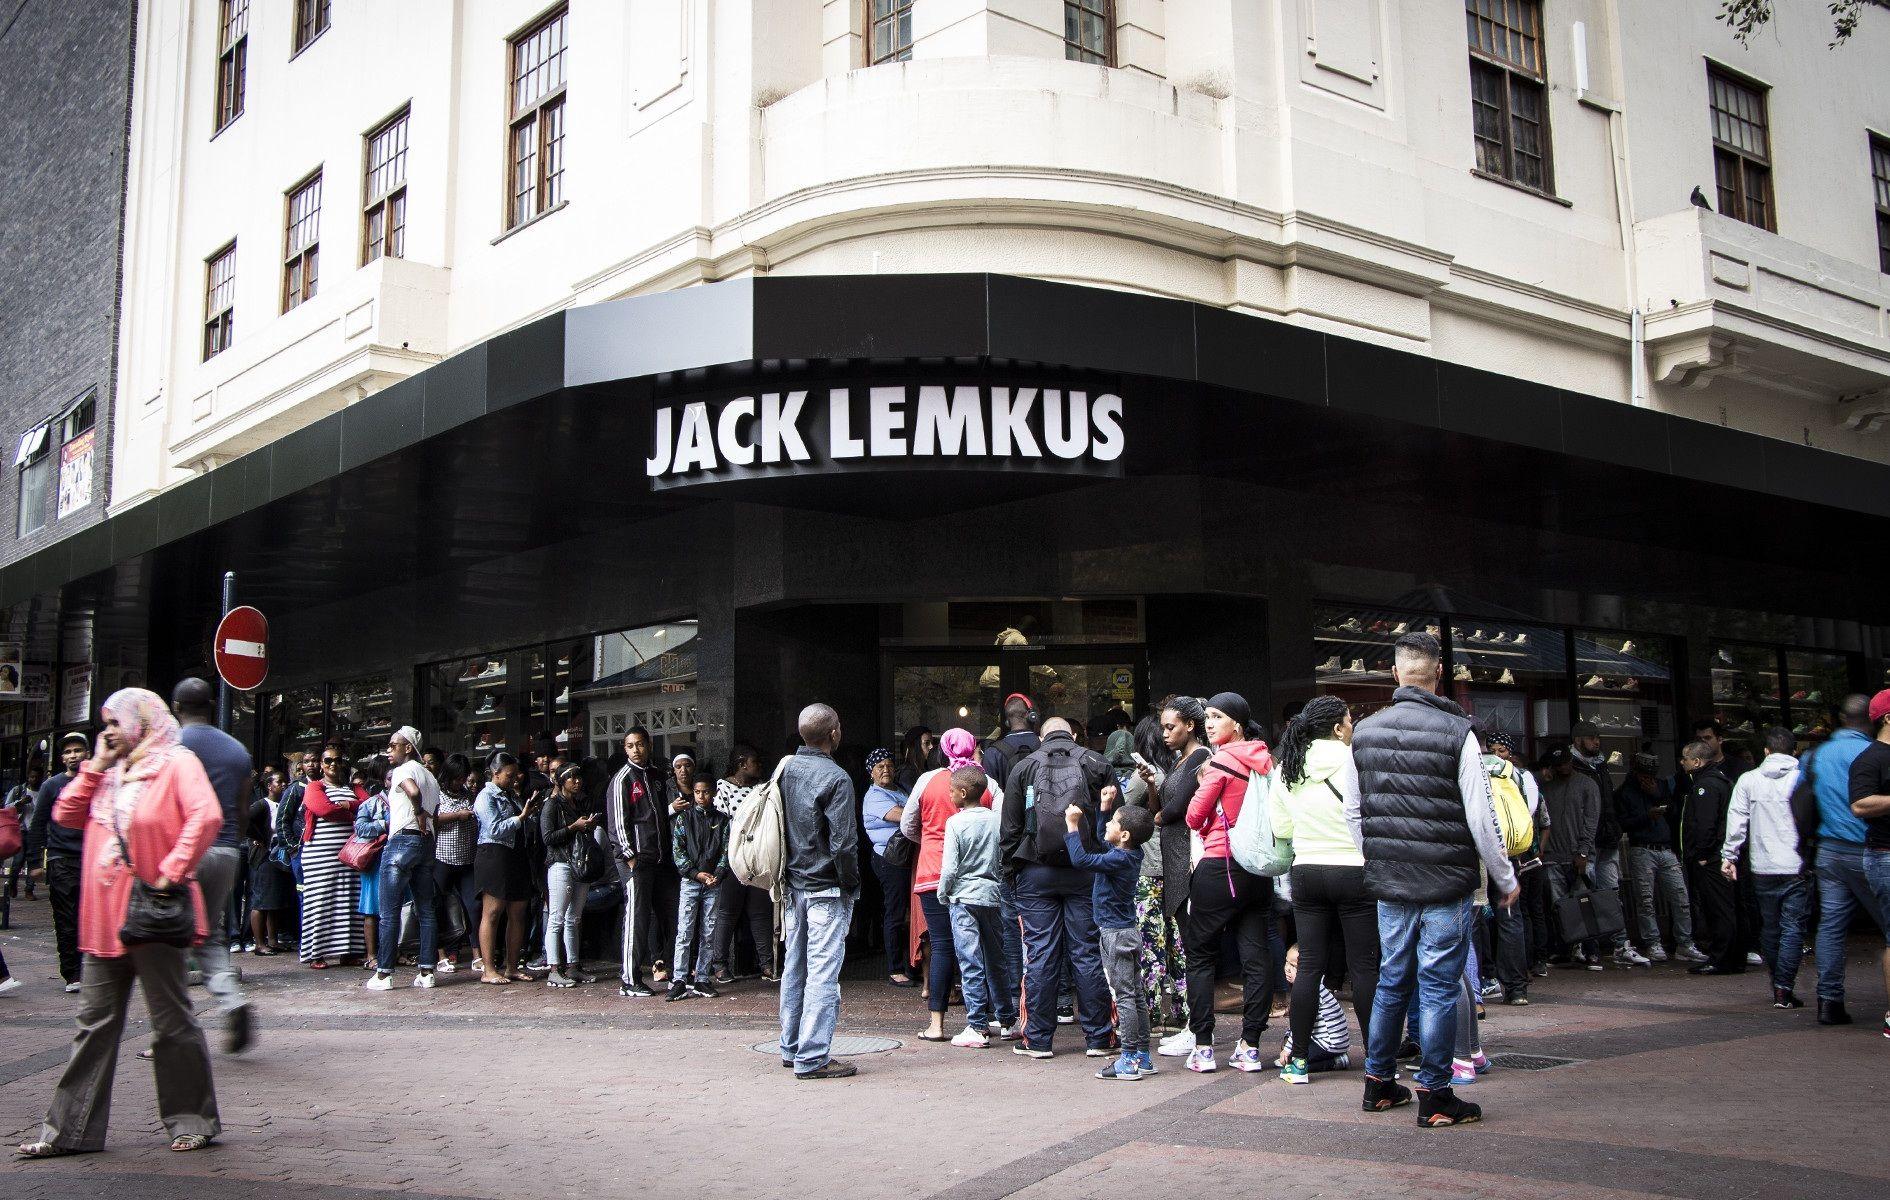 Jack Lemkus 1890 X1200 14